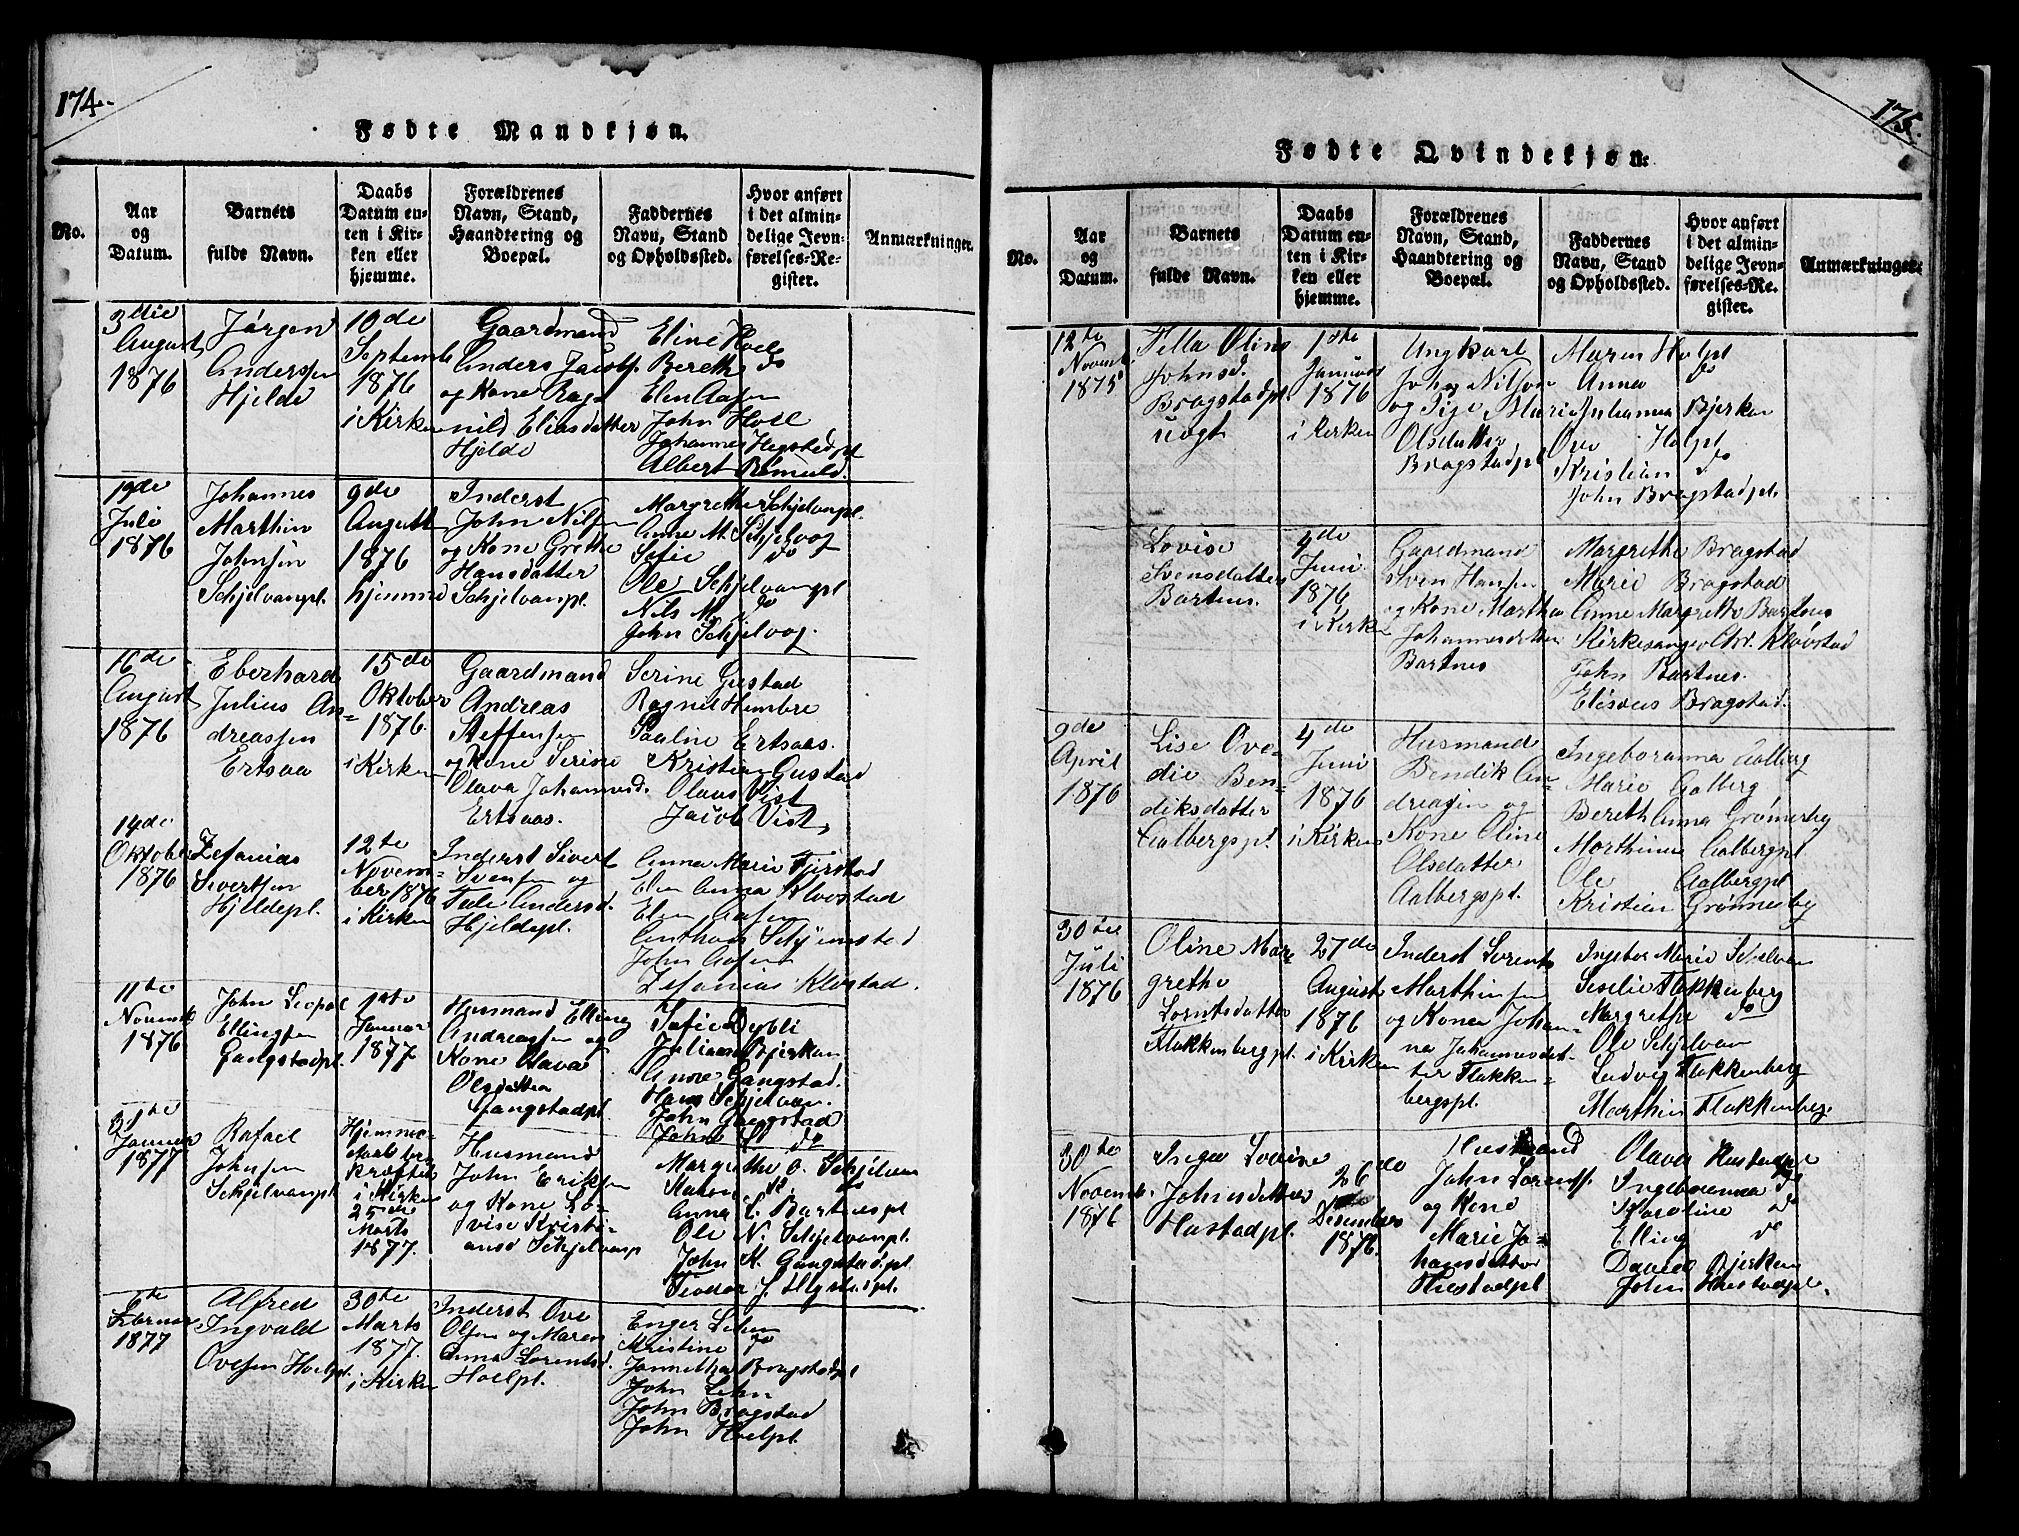 SAT, Ministerialprotokoller, klokkerbøker og fødselsregistre - Nord-Trøndelag, 732/L0317: Klokkerbok nr. 732C01, 1816-1881, s. 174-175